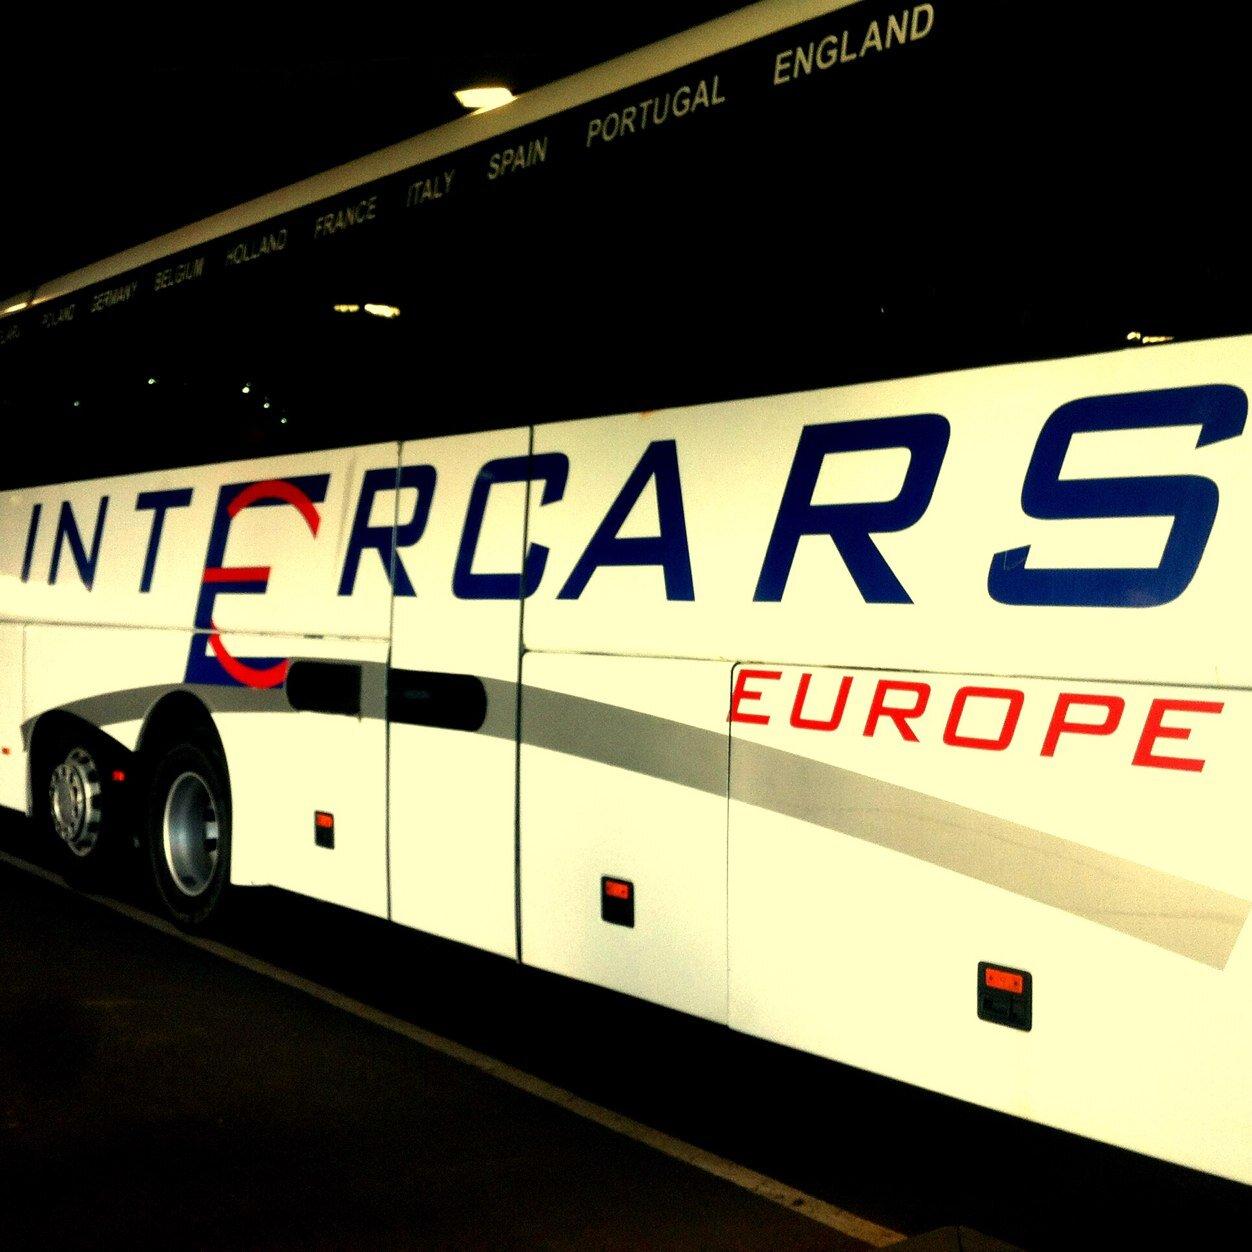 Услуги автобусных пассажирских перевозок